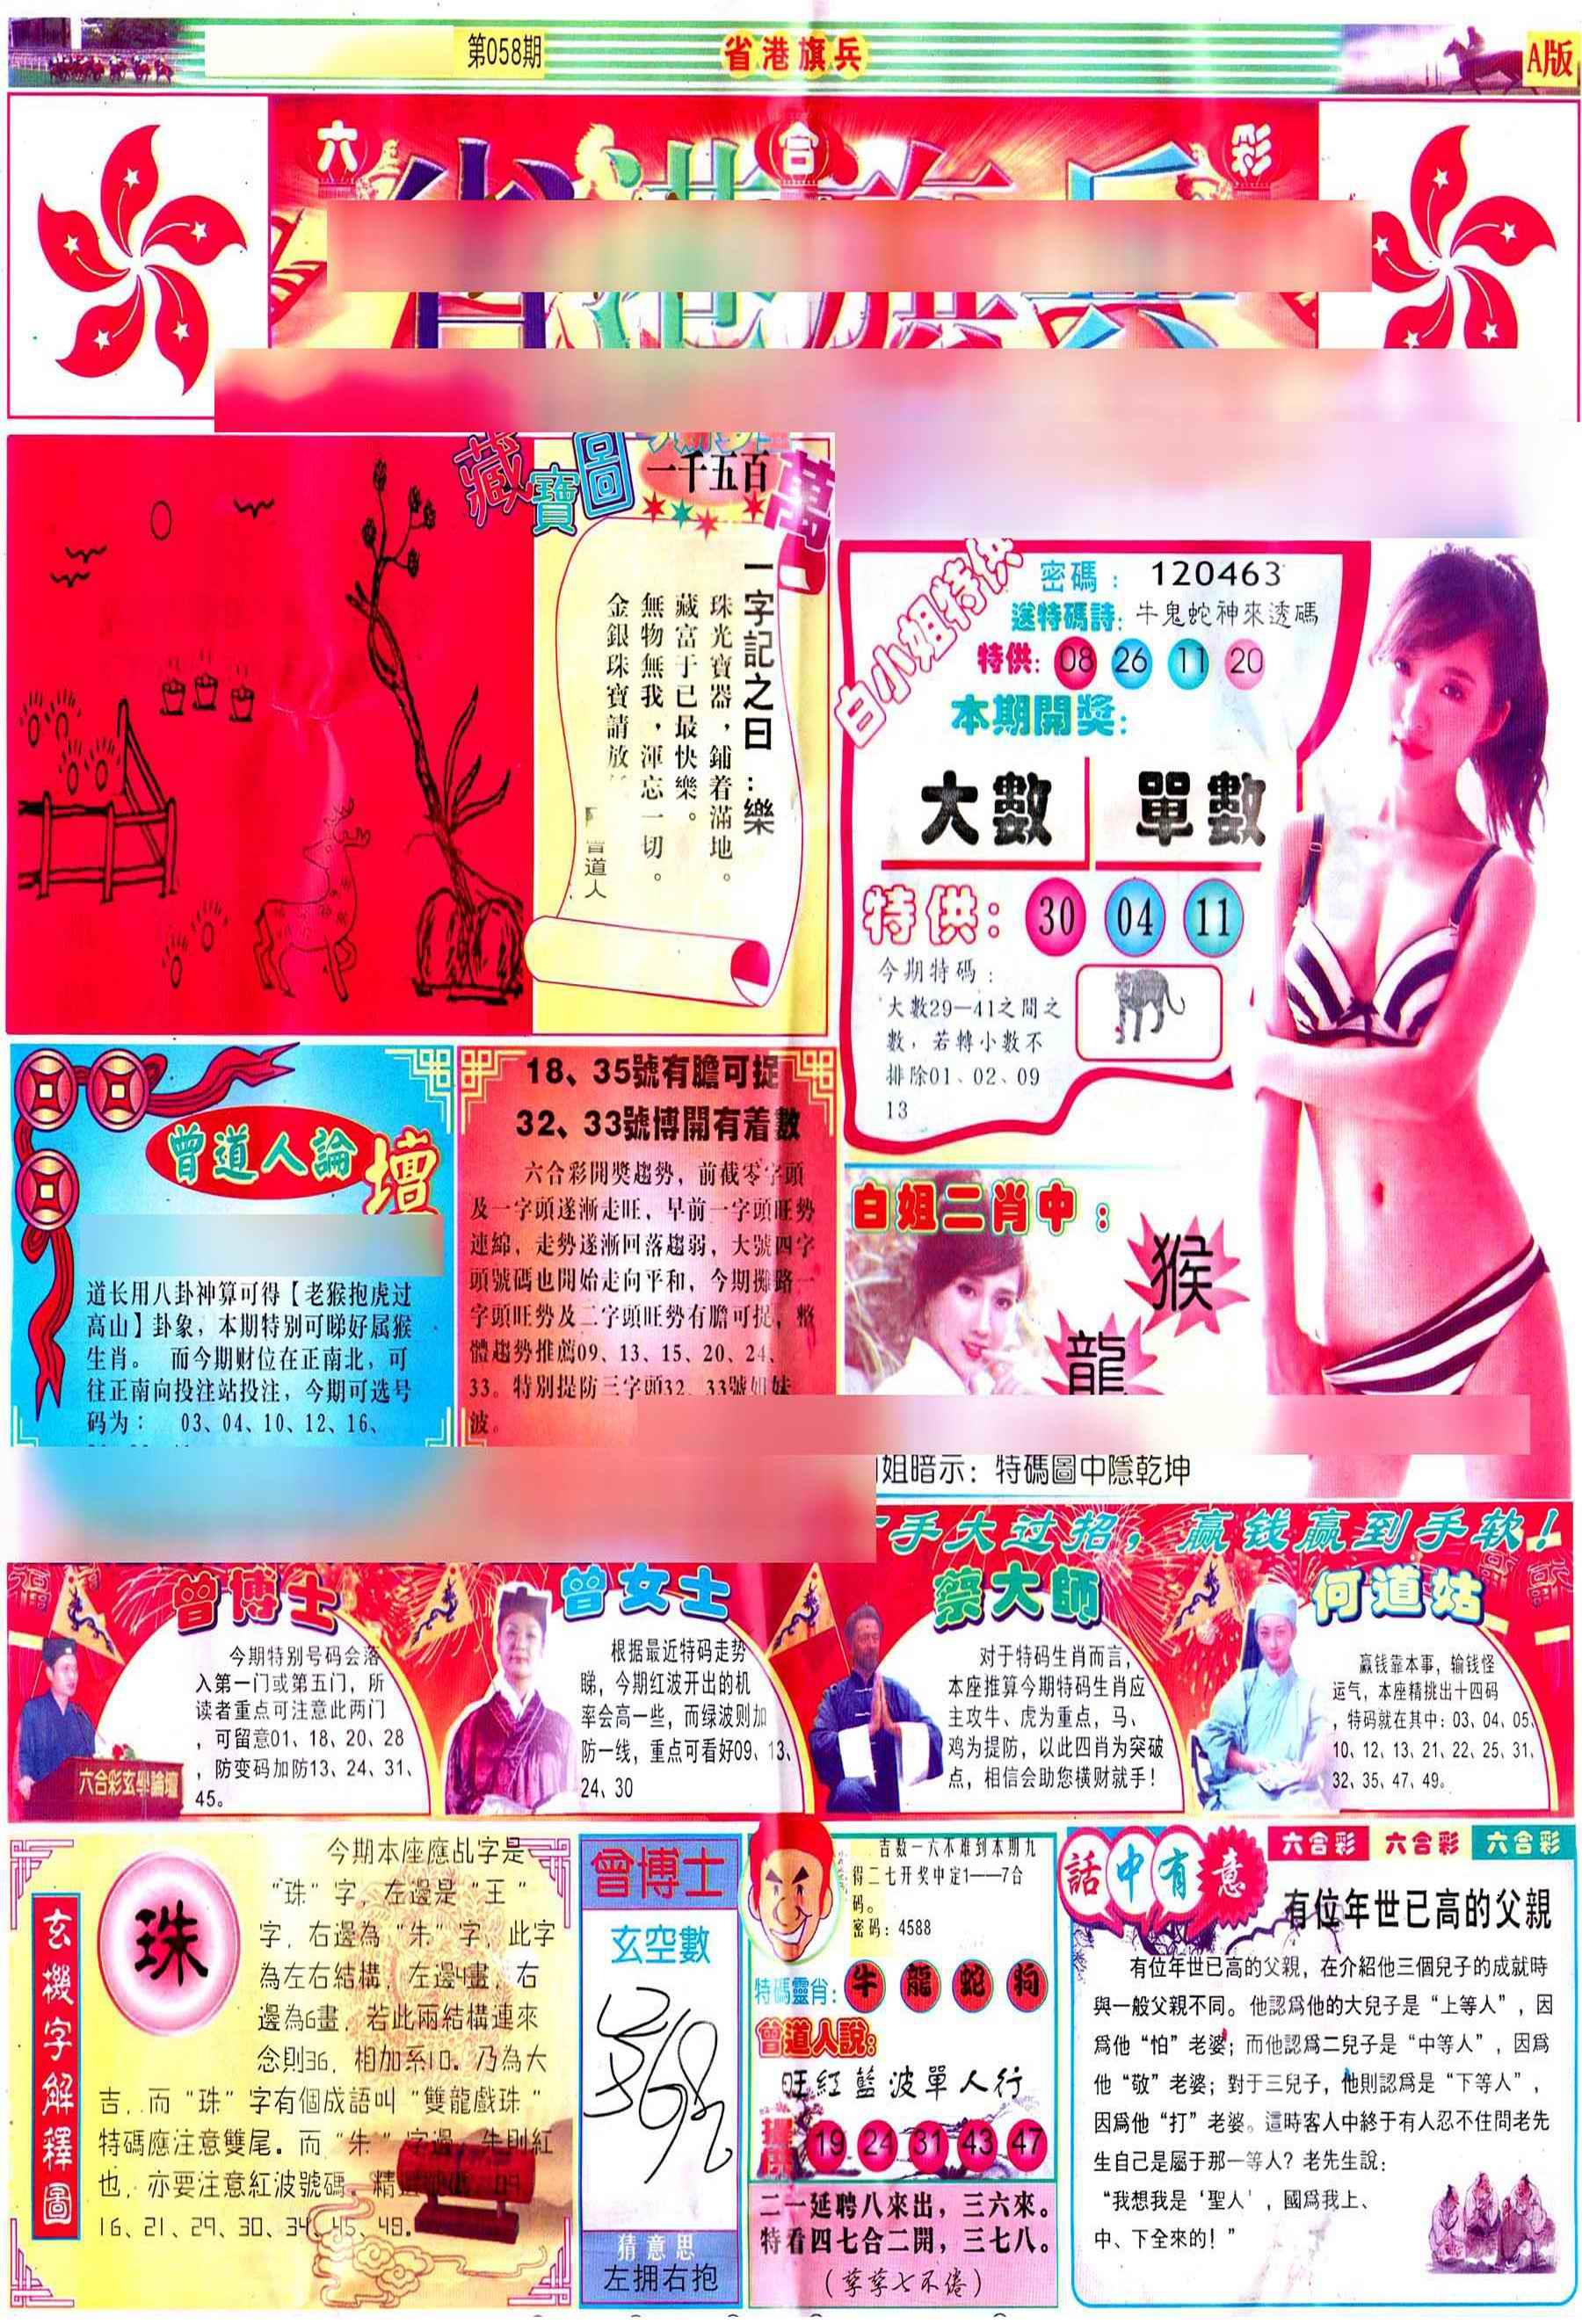 058期彩道A(保证香港版)